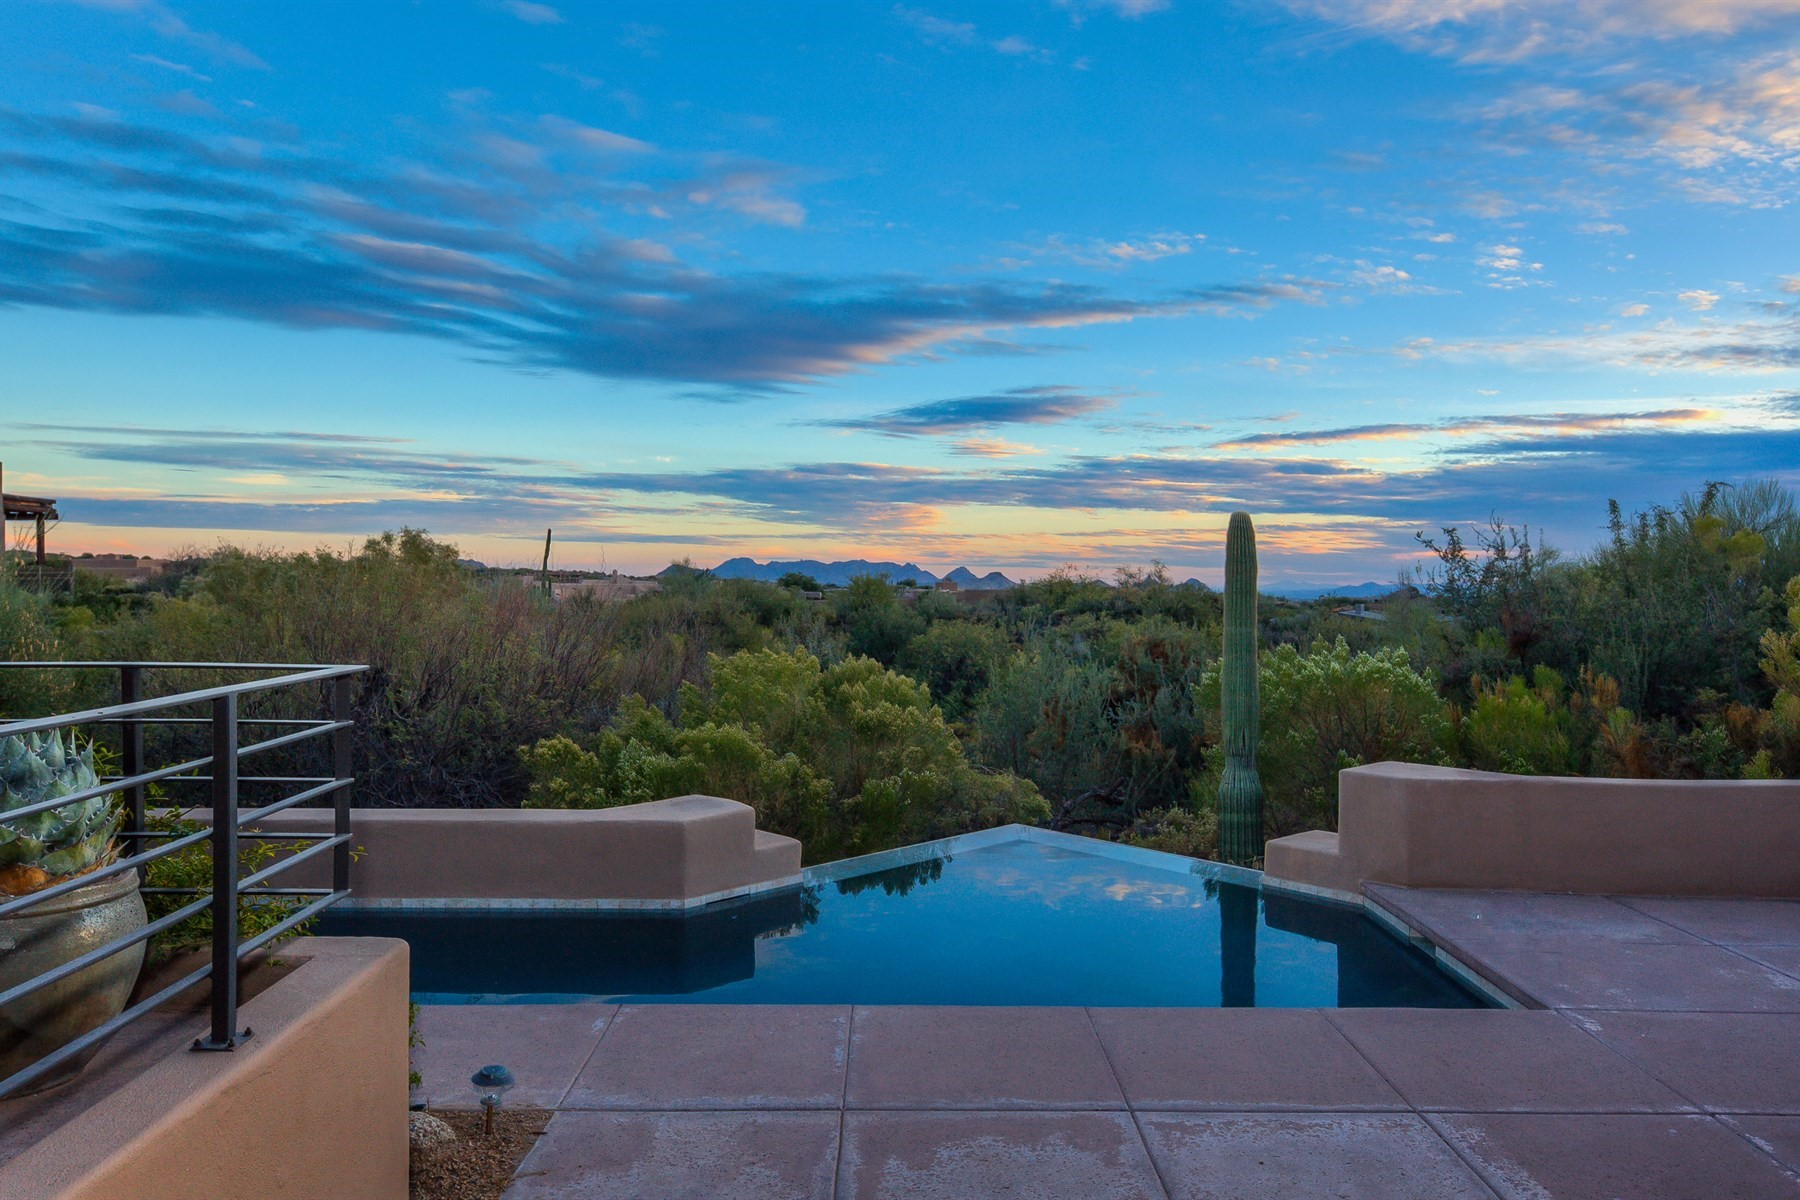 Частный односемейный дом для того Продажа на Simply exquisite Cochise Ridge home 41599 N 108th Street St, Scottsdale, Аризона, 85262 Соединенные Штаты